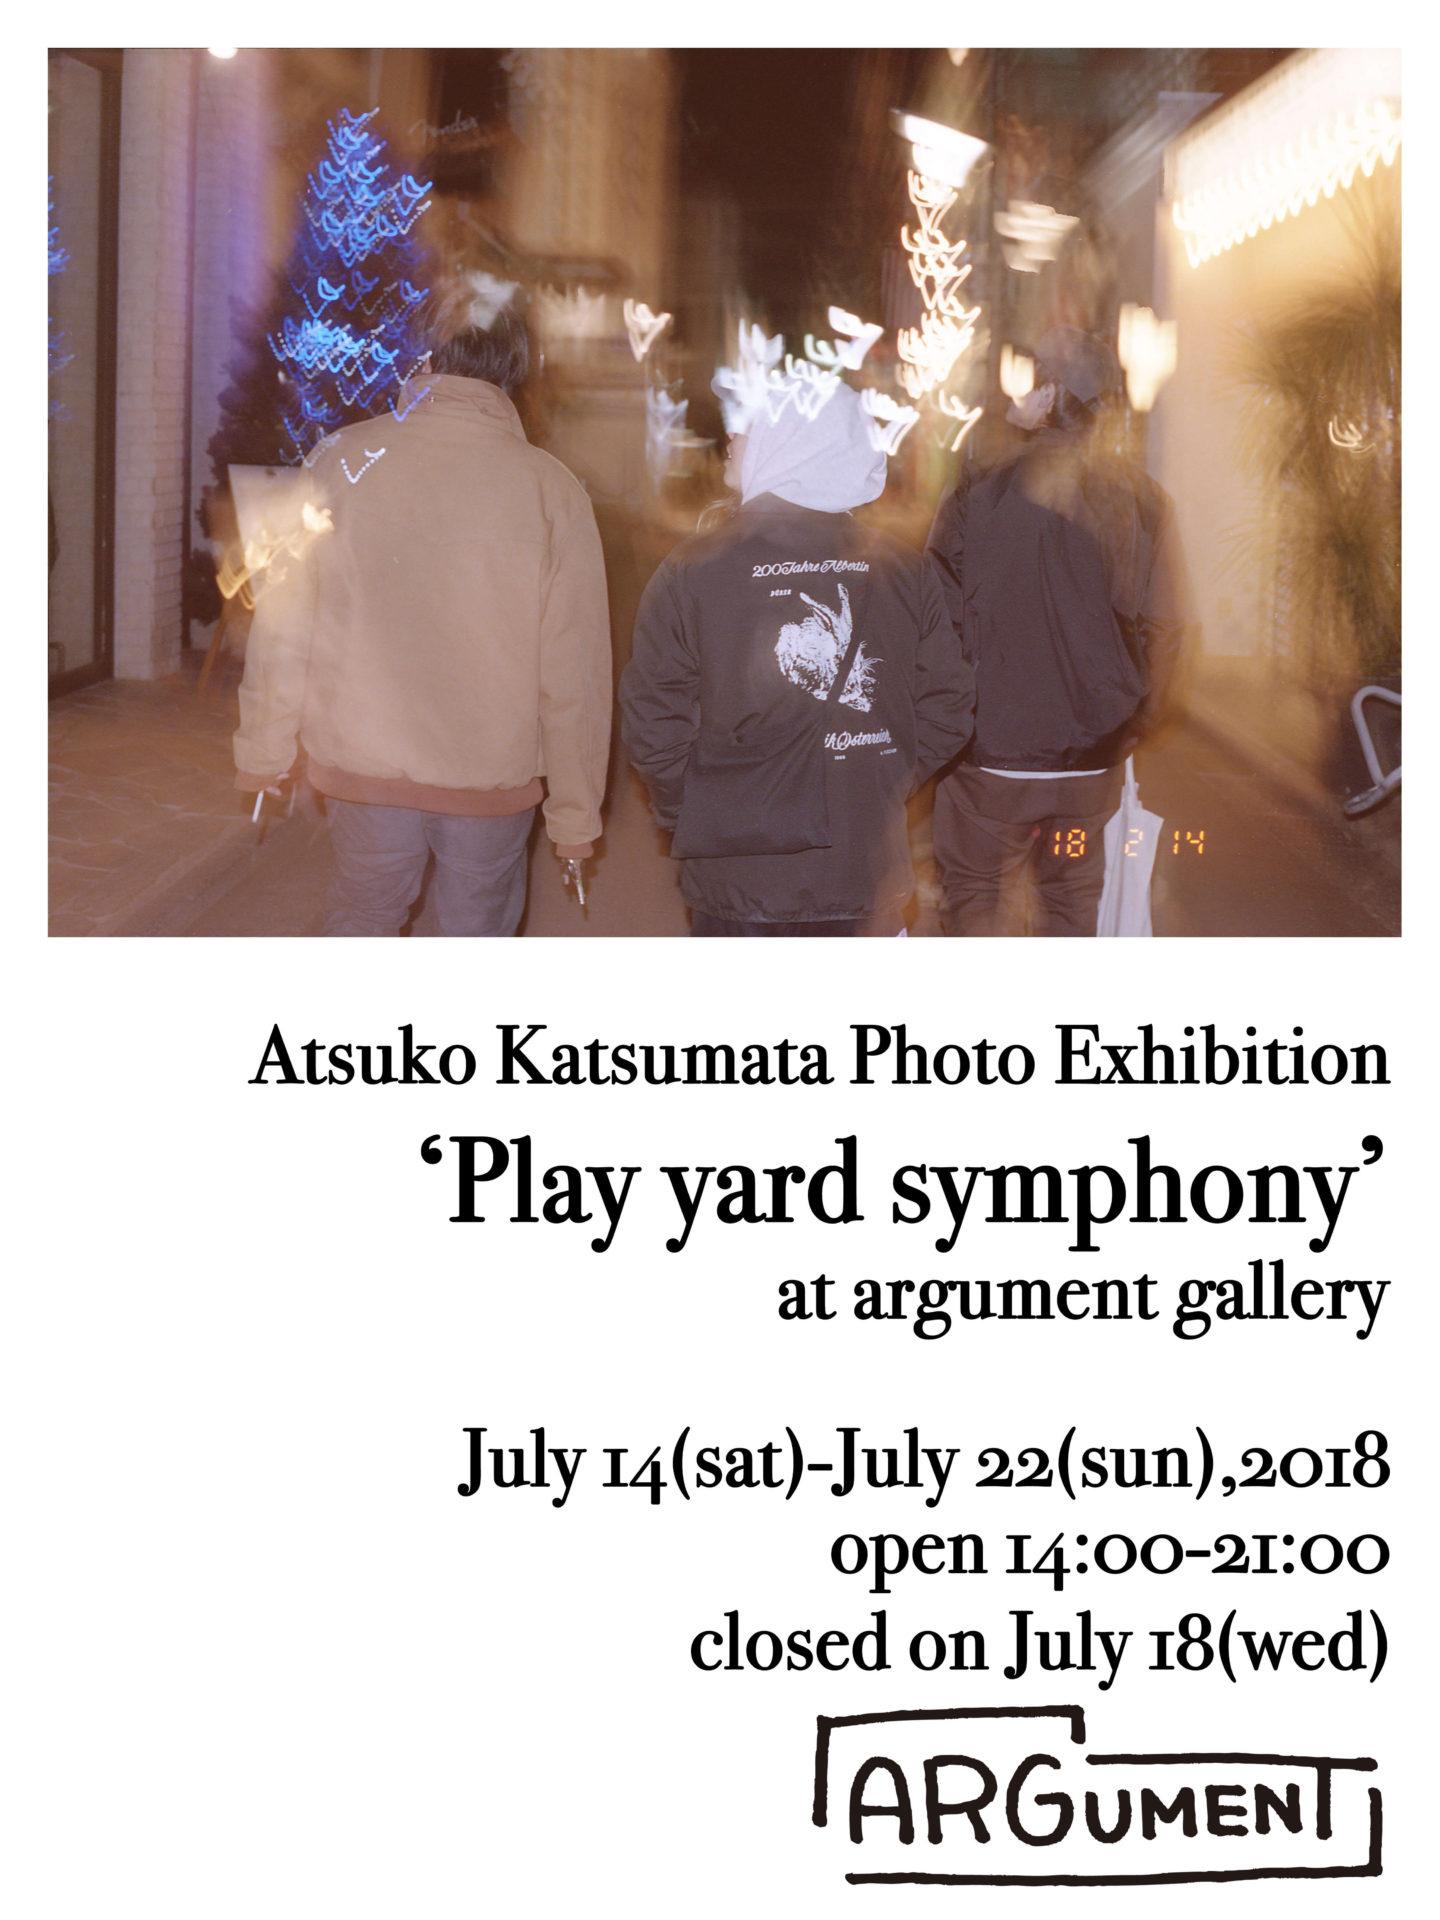 Atsuko Katsumata Photo Exhibition